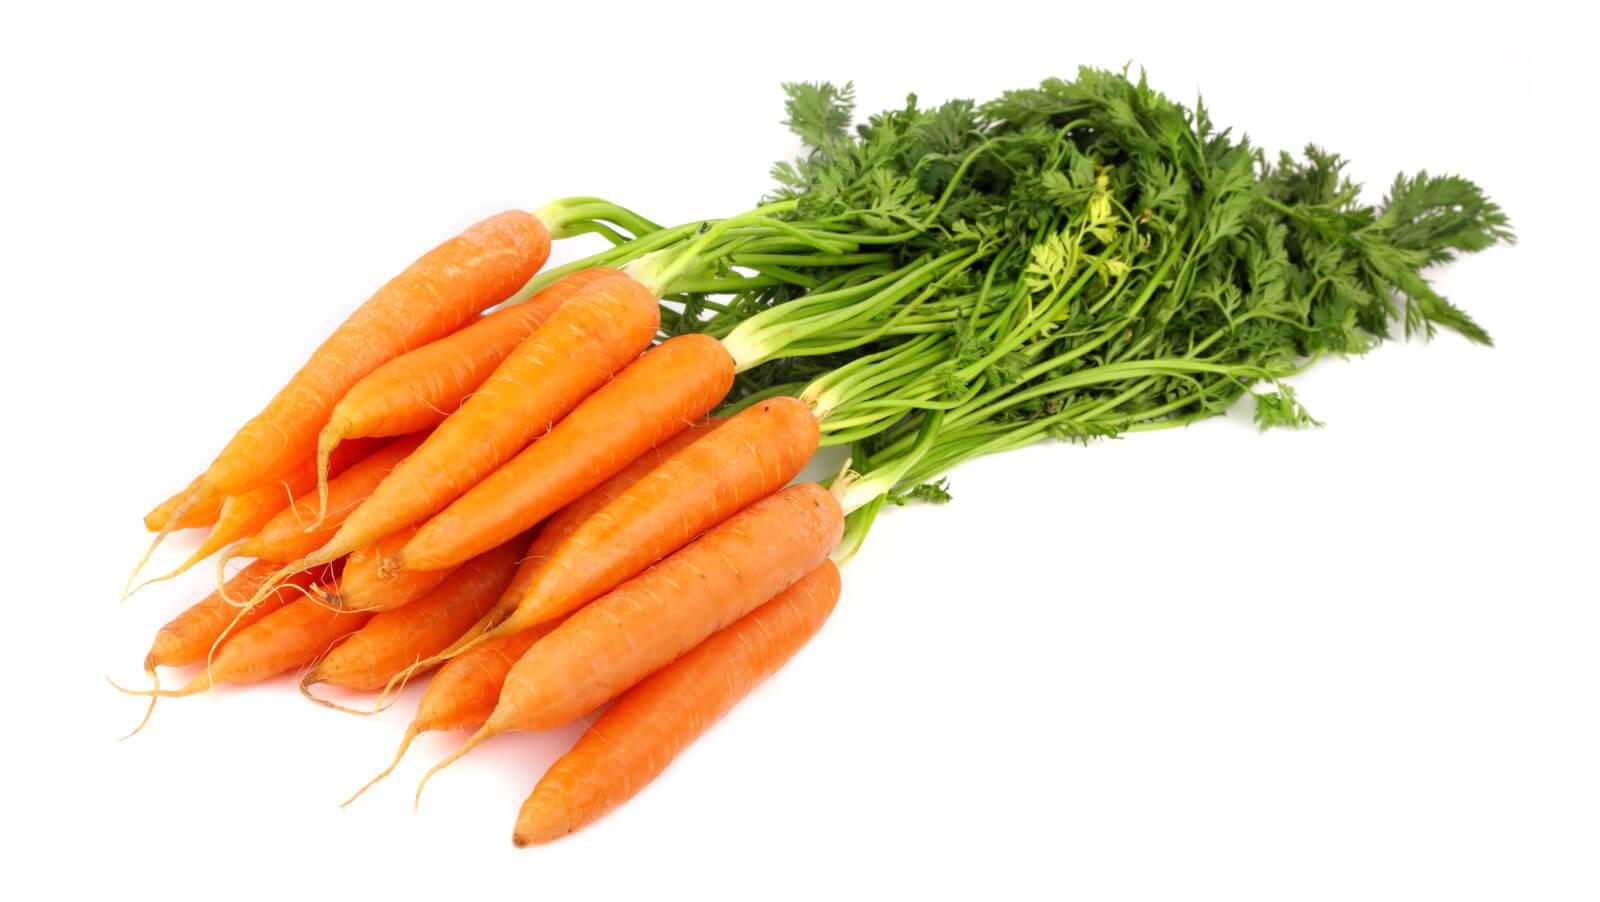 Как правильно есть морковь, чтобы получить максимальную пользу